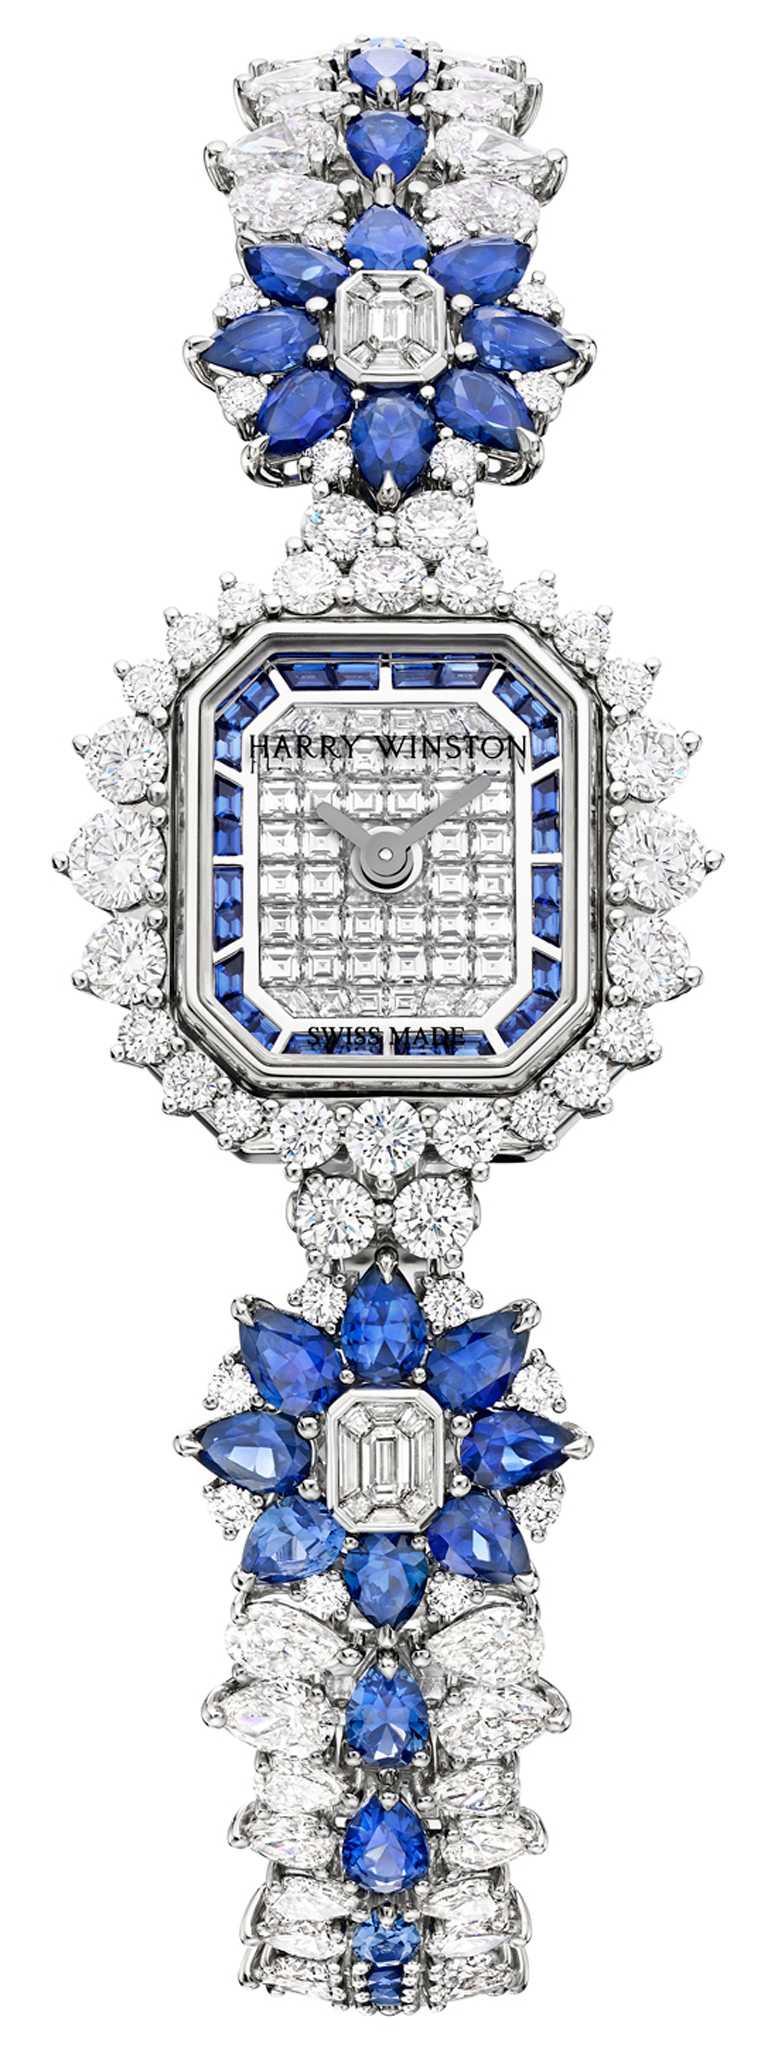 HARRY WINSTON「Marble Marquetry頂級珠寶腕錶」,鉑金錶殼,14.4mm,208顆鑽石,56顆藍寶石╱7,470,000元。(圖╱HARRY WINSTON提供)